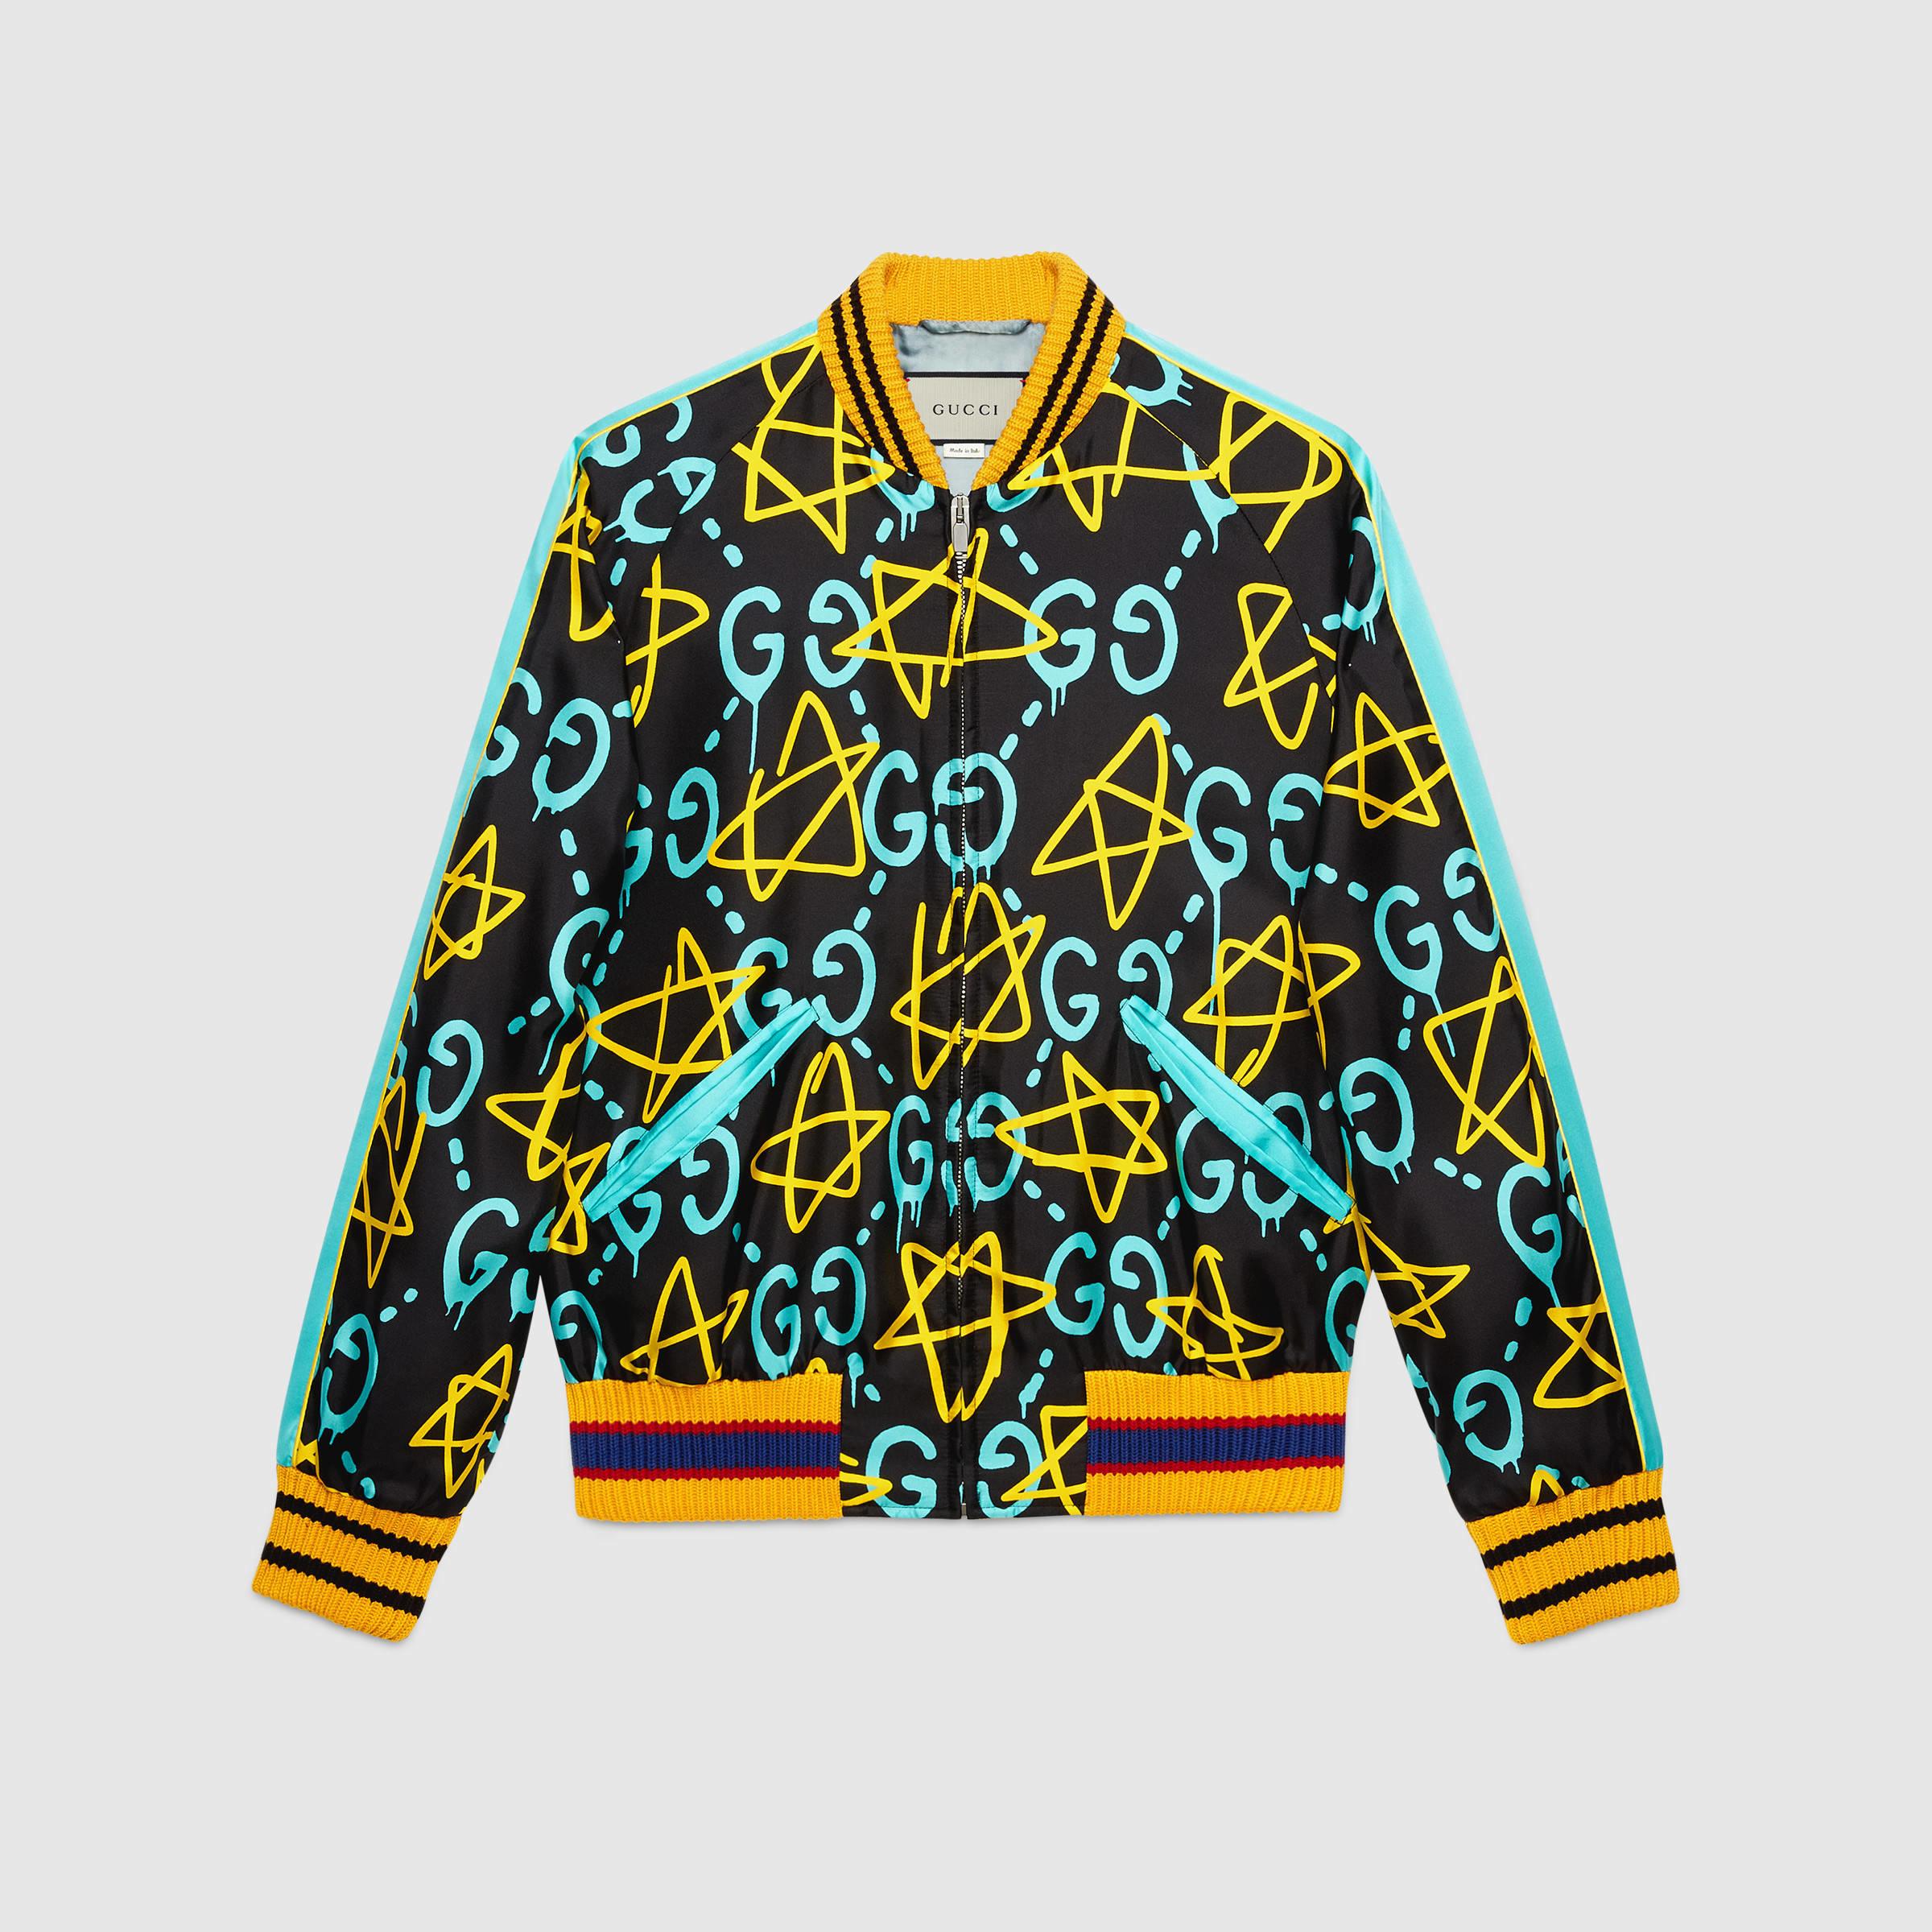 Marc jacobs fashion designs 100